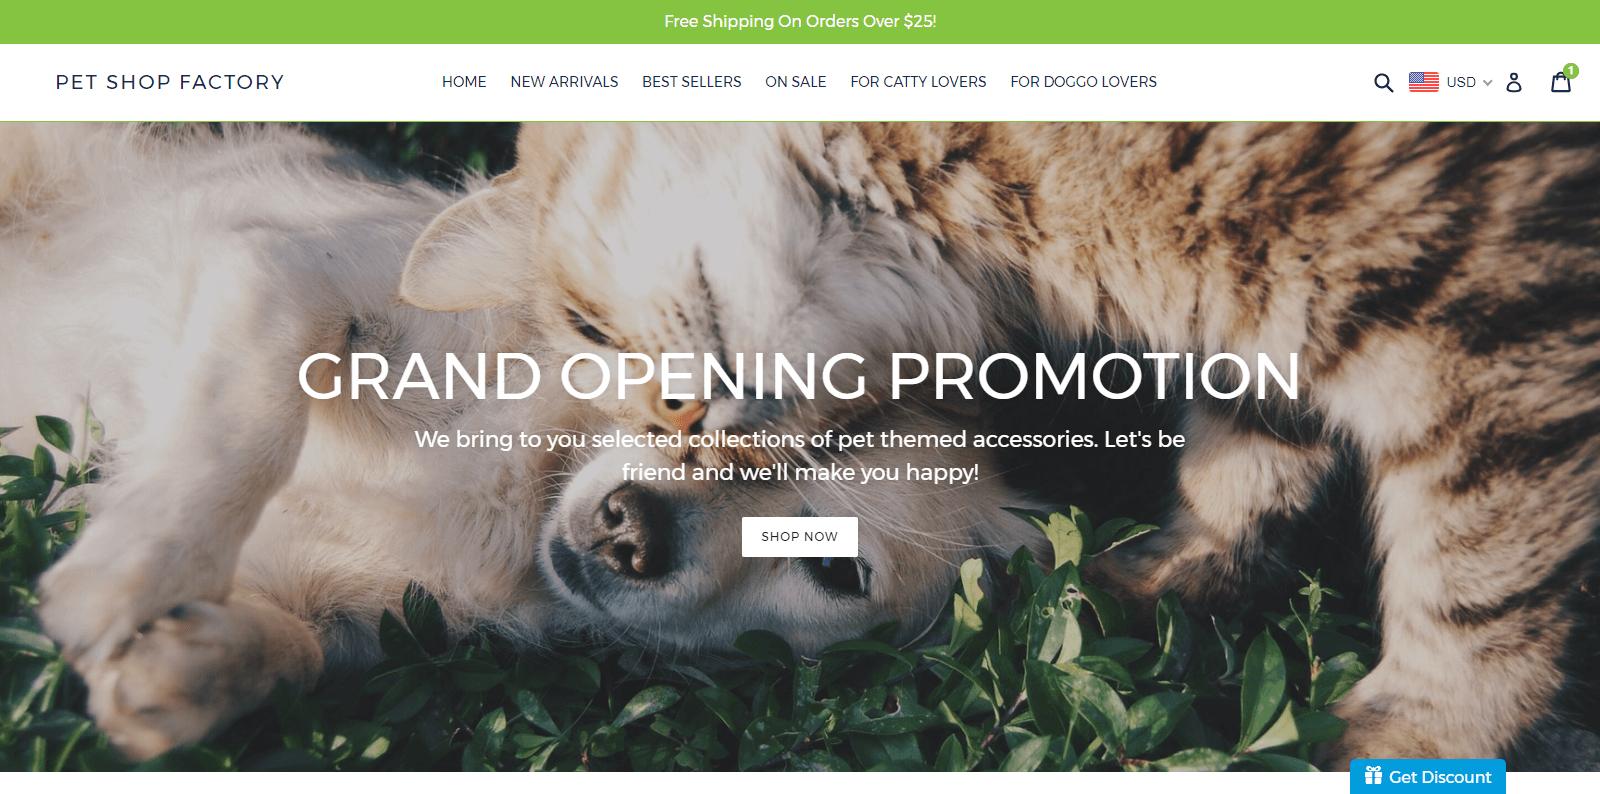 Pet Shop Factory (e-Commerce)